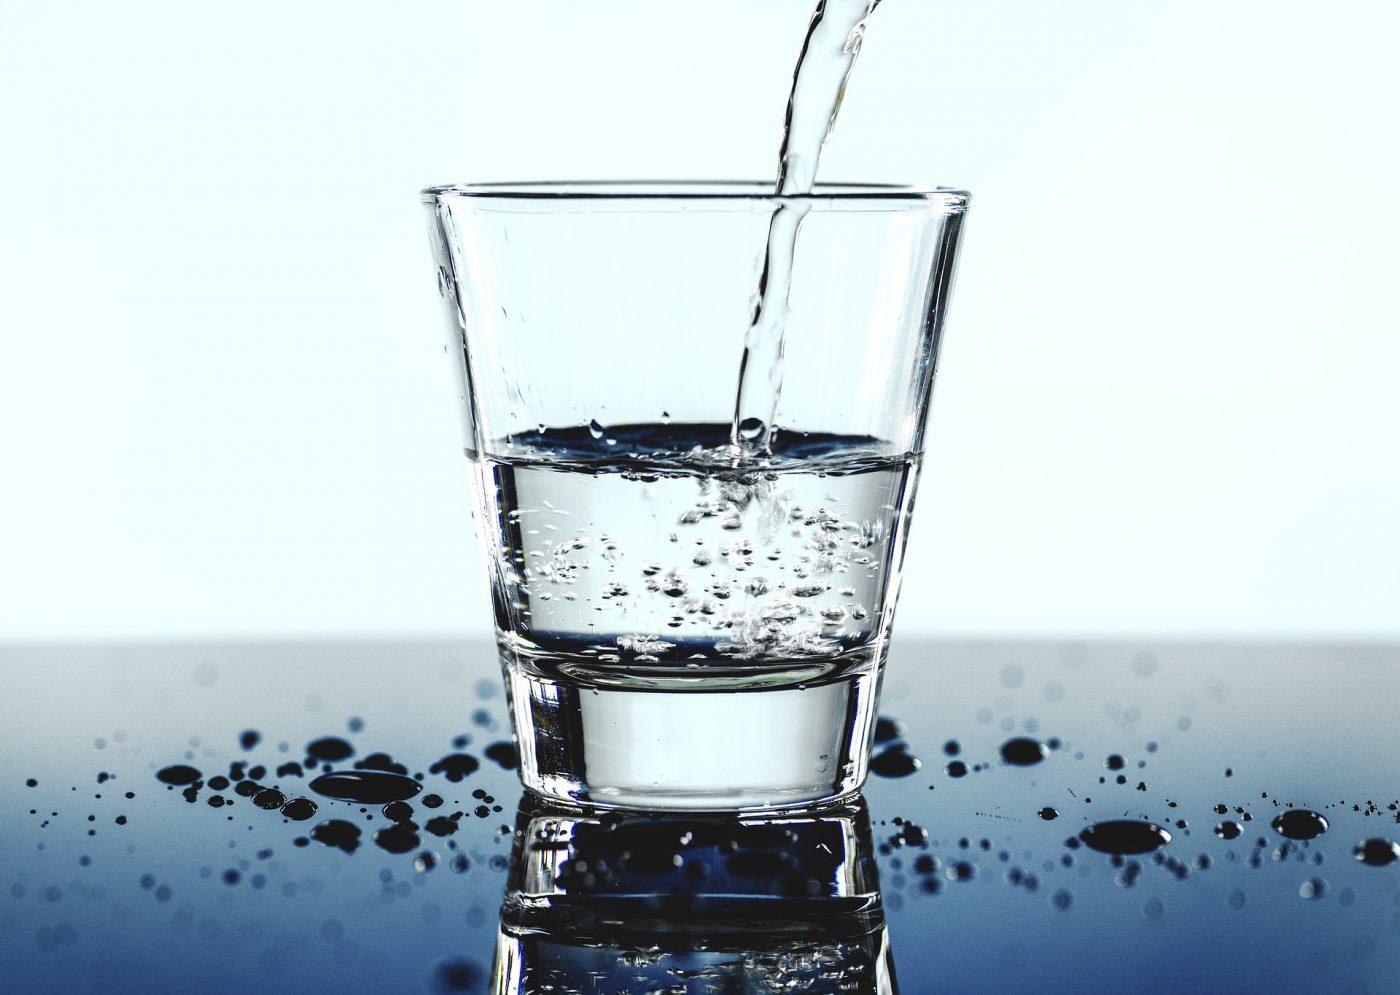 bolje je piti od hipertenzije cvijet pomaže kod povišenog krvnog tlaka